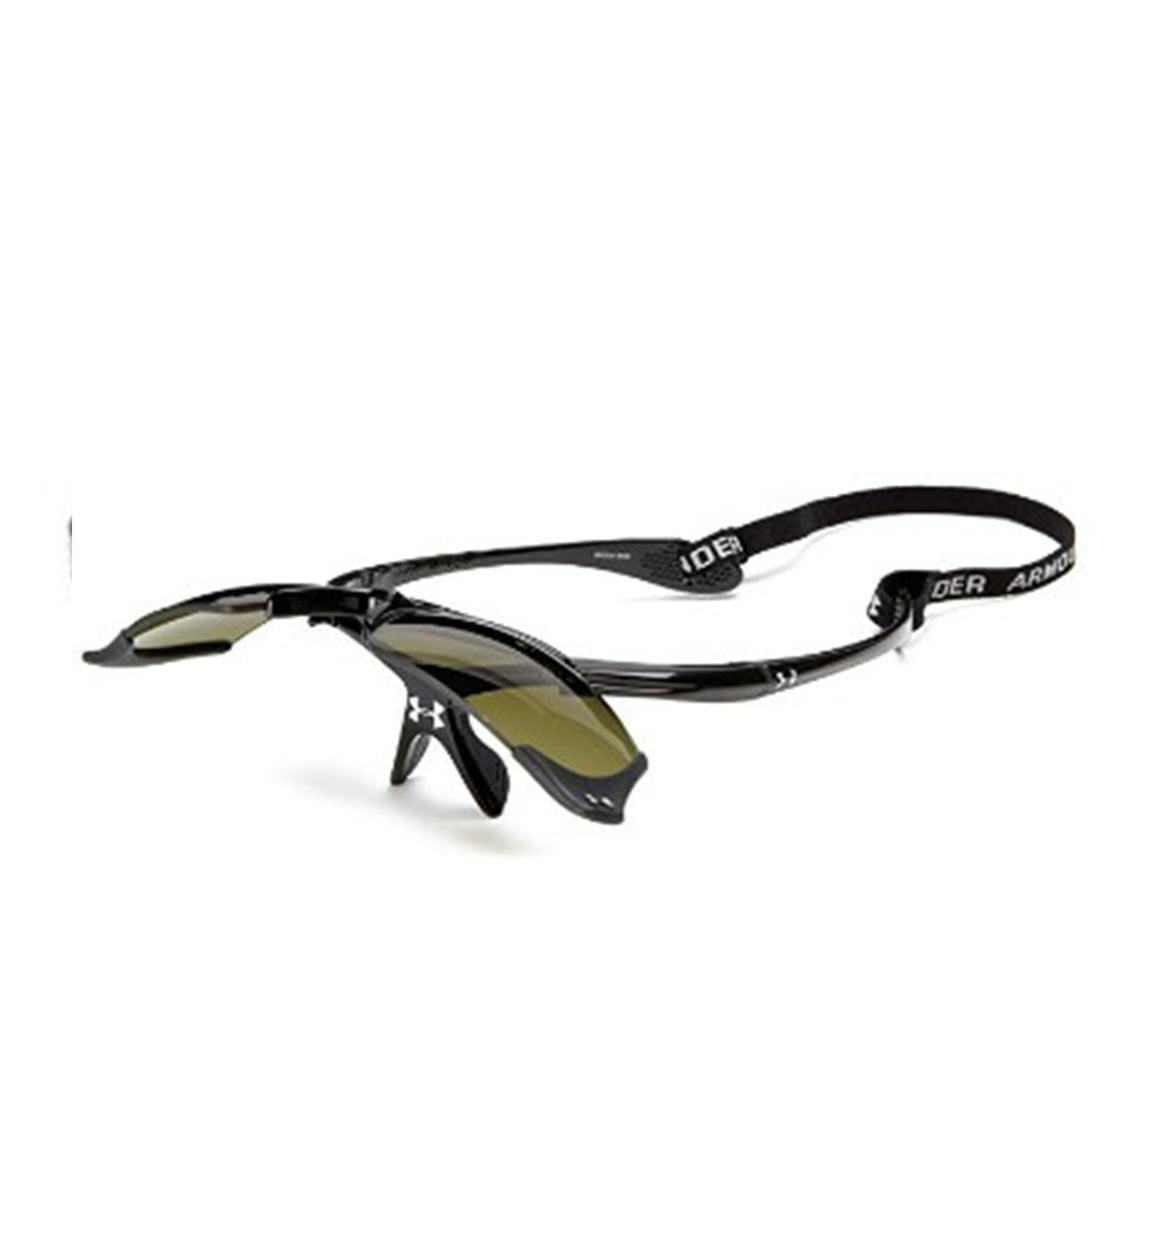 a3b0cc3ebe28 Under Armour Thief Flip-Up Sunglasses Shiny Black/Game Day - Walmart.com